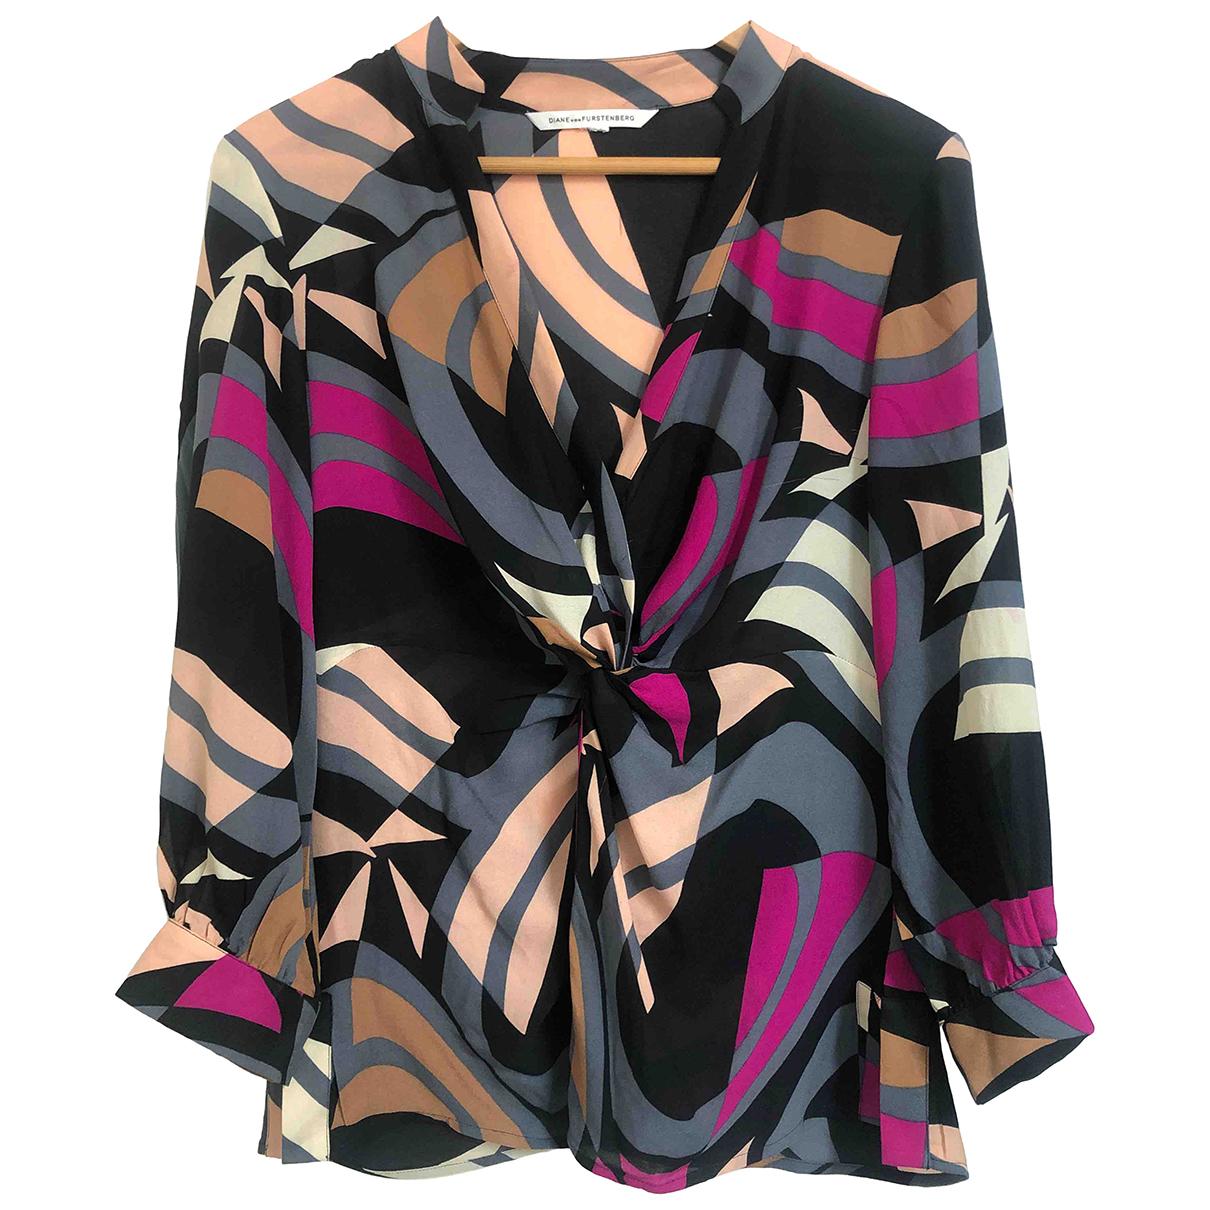 Diane Von Furstenberg N Multicolour Silk  top for Women M International